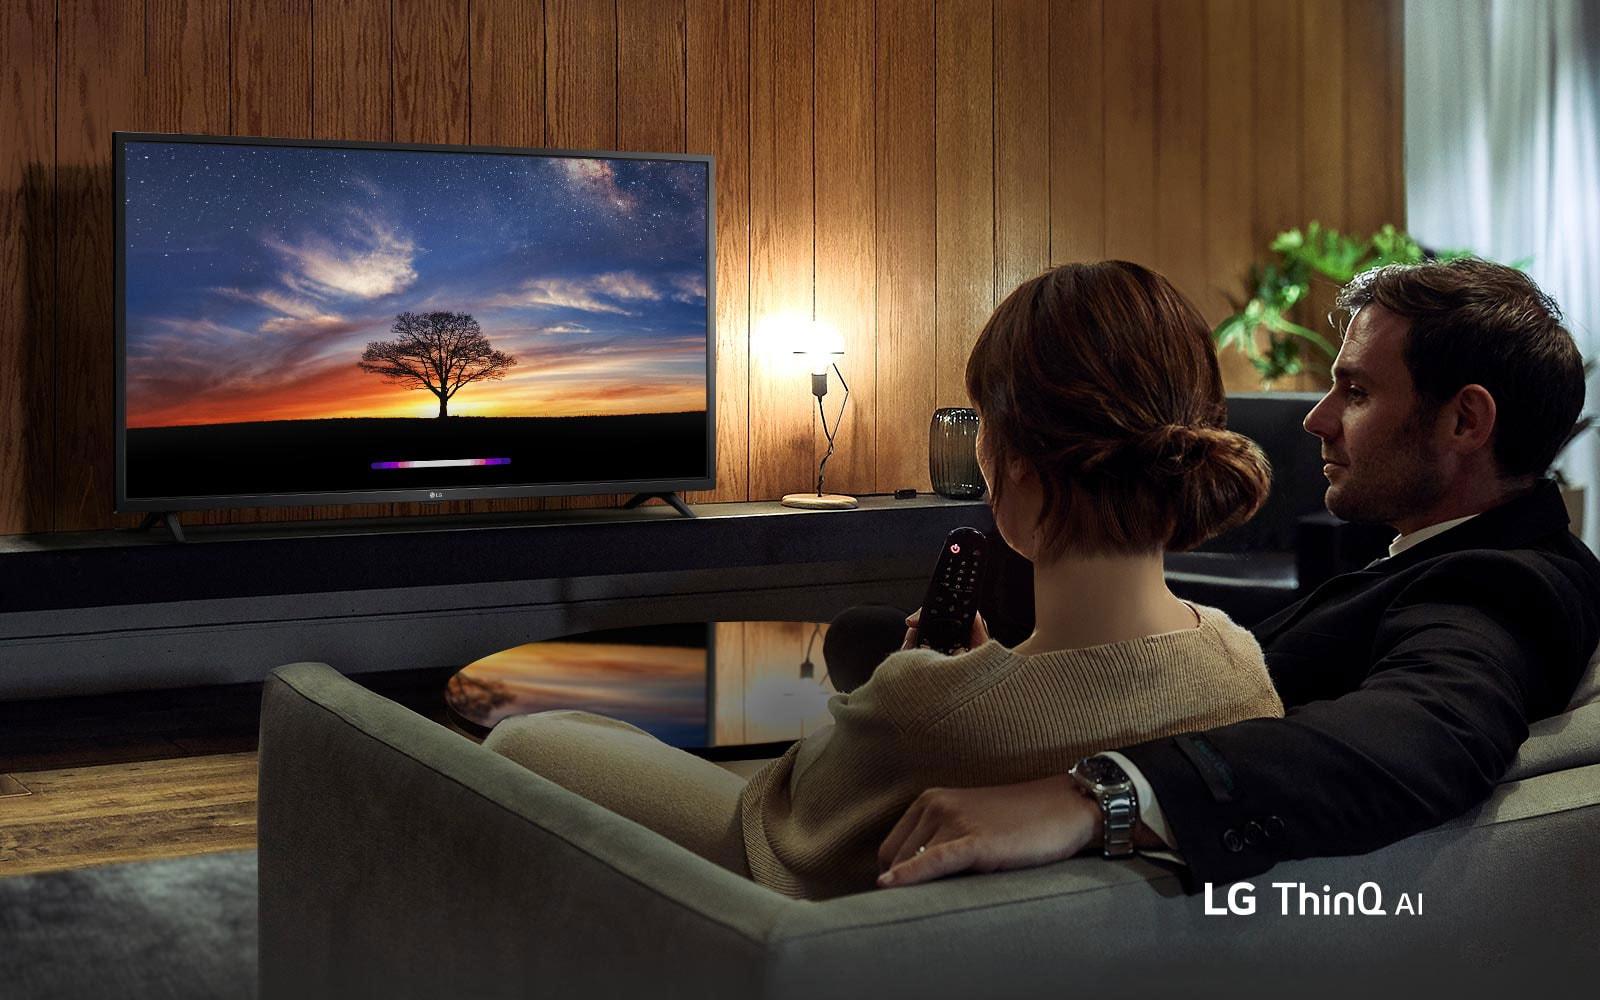 Élje meg a csodákat az LG AI TV-vel1